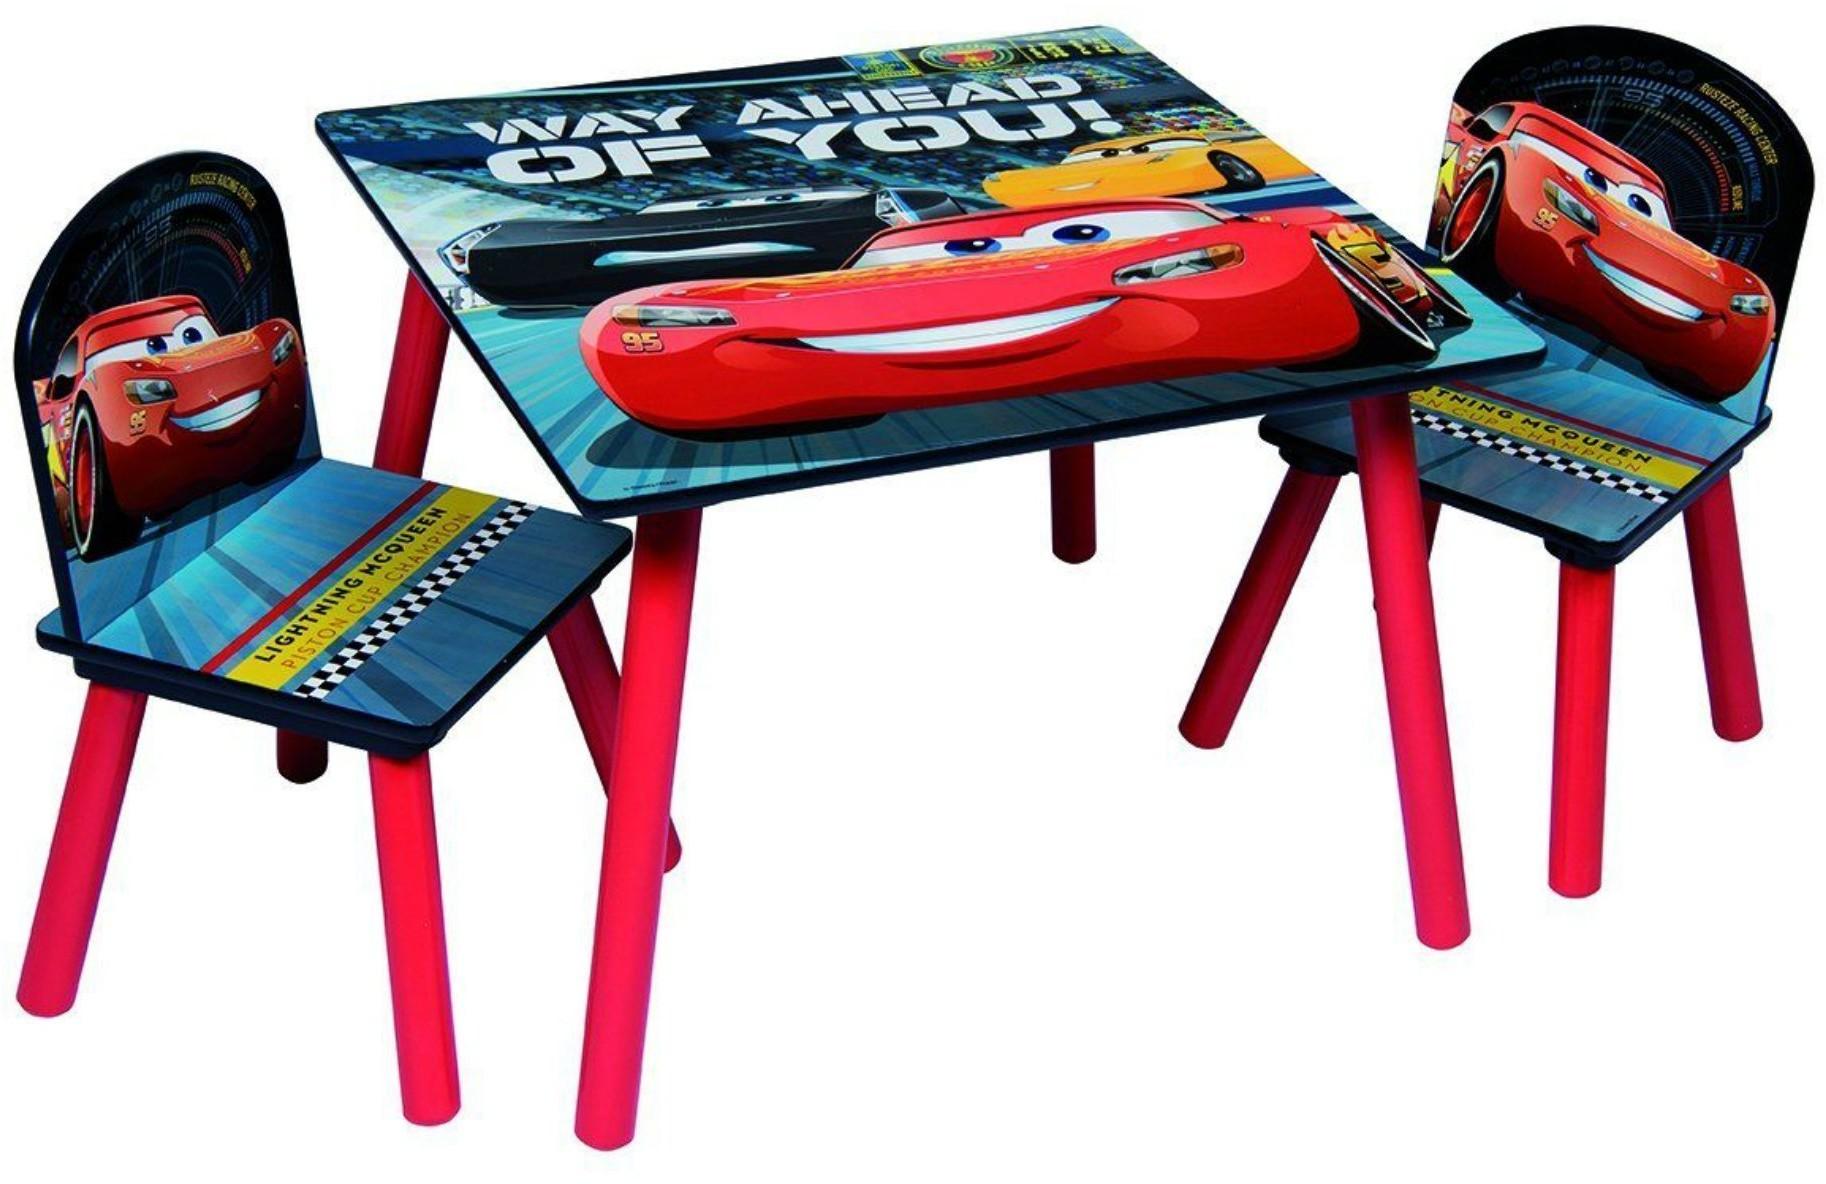 Global Zestaw stolik, krzesełka i organizer na zabawki Cars Auta 8719323842199